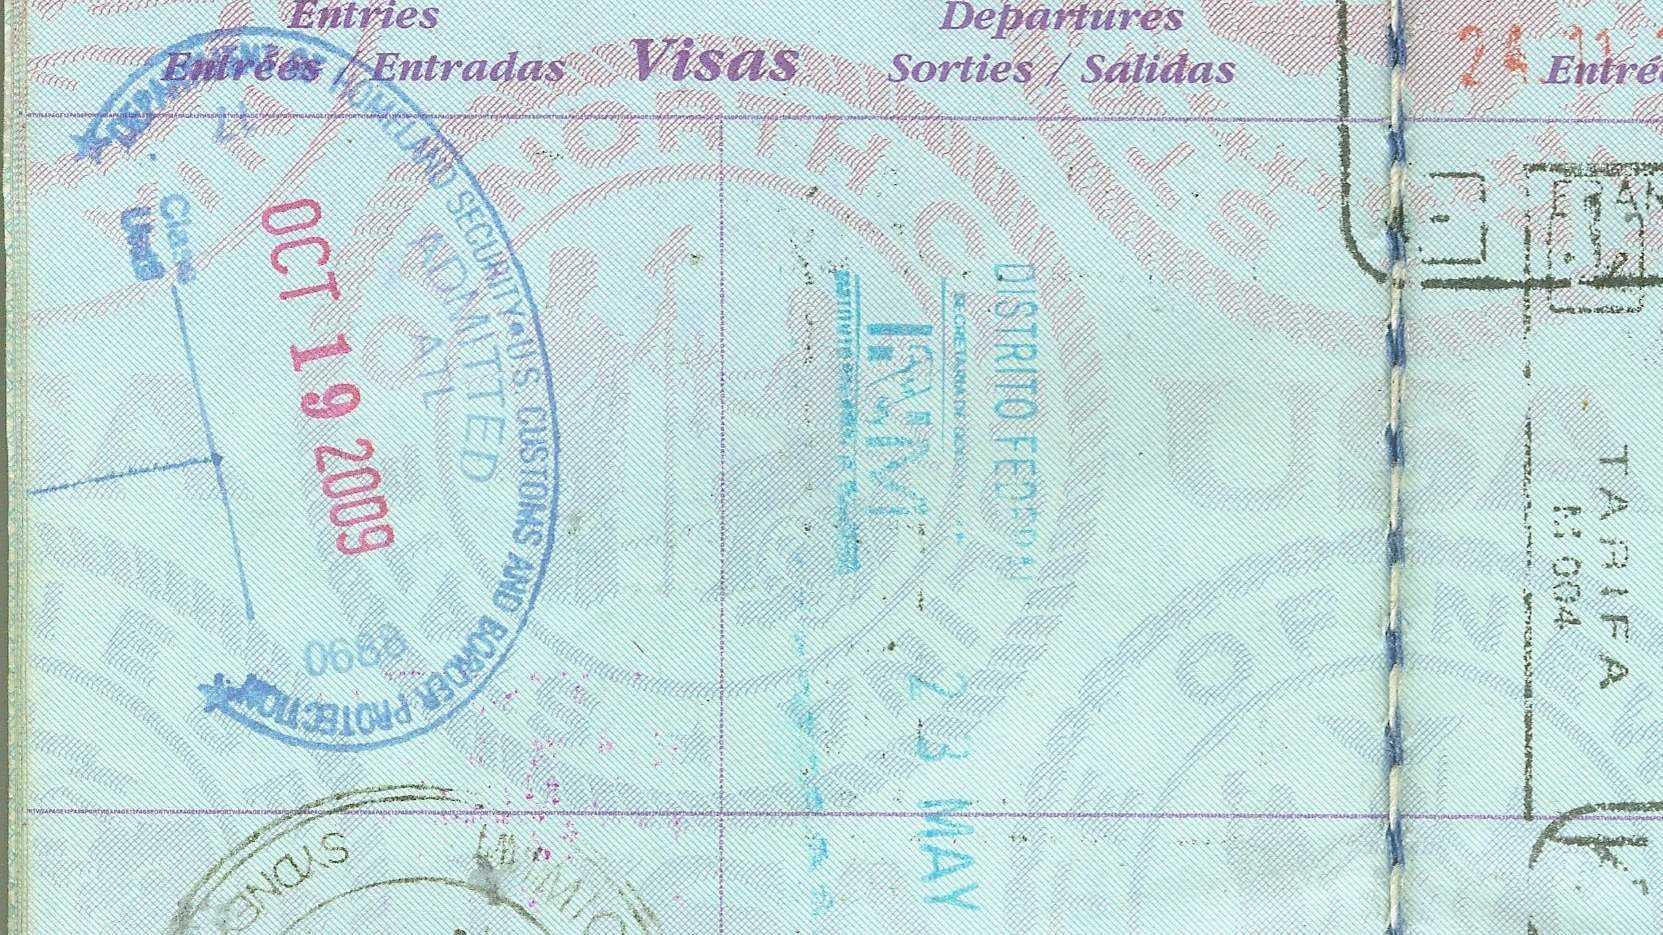 Stempel in einem Reisepass